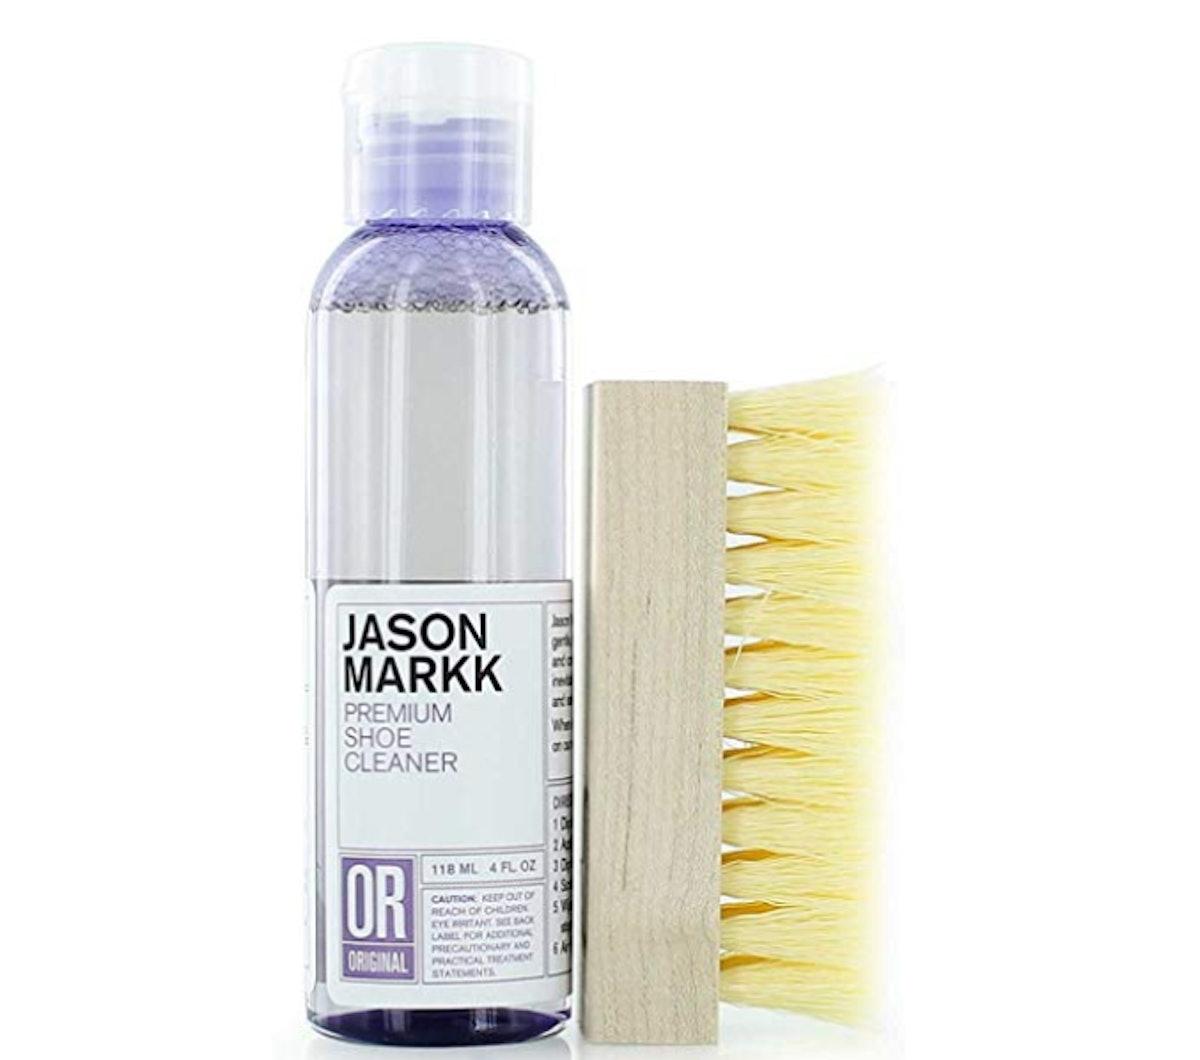 Jason Markk Shoe Cleaner Brush And Solution